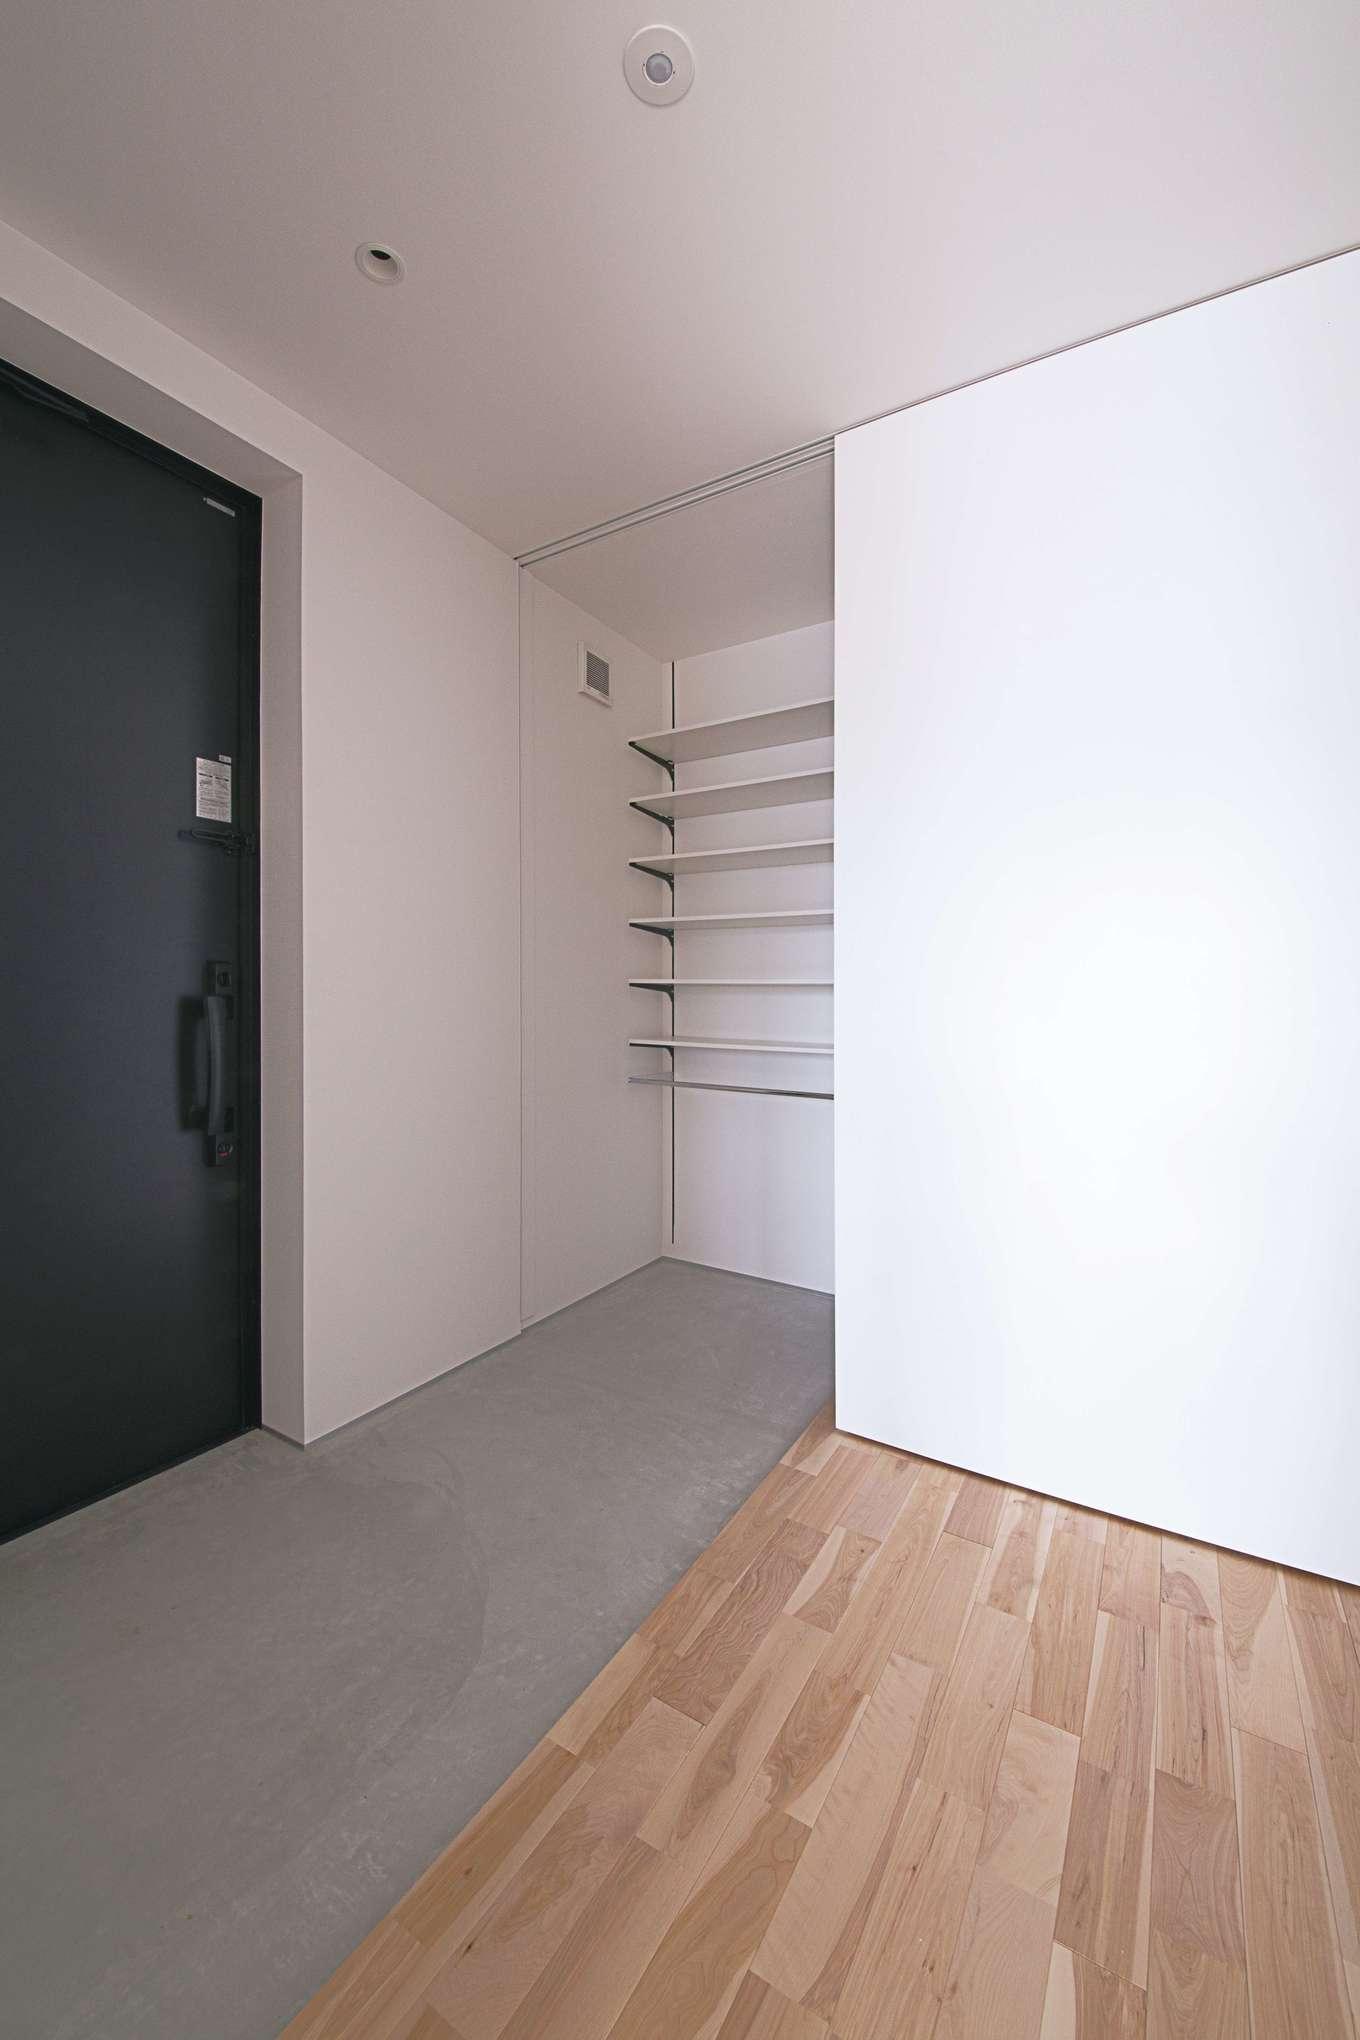 土間玄関のシューズクロークは、来客時にはハイドアで隠すことができて便利